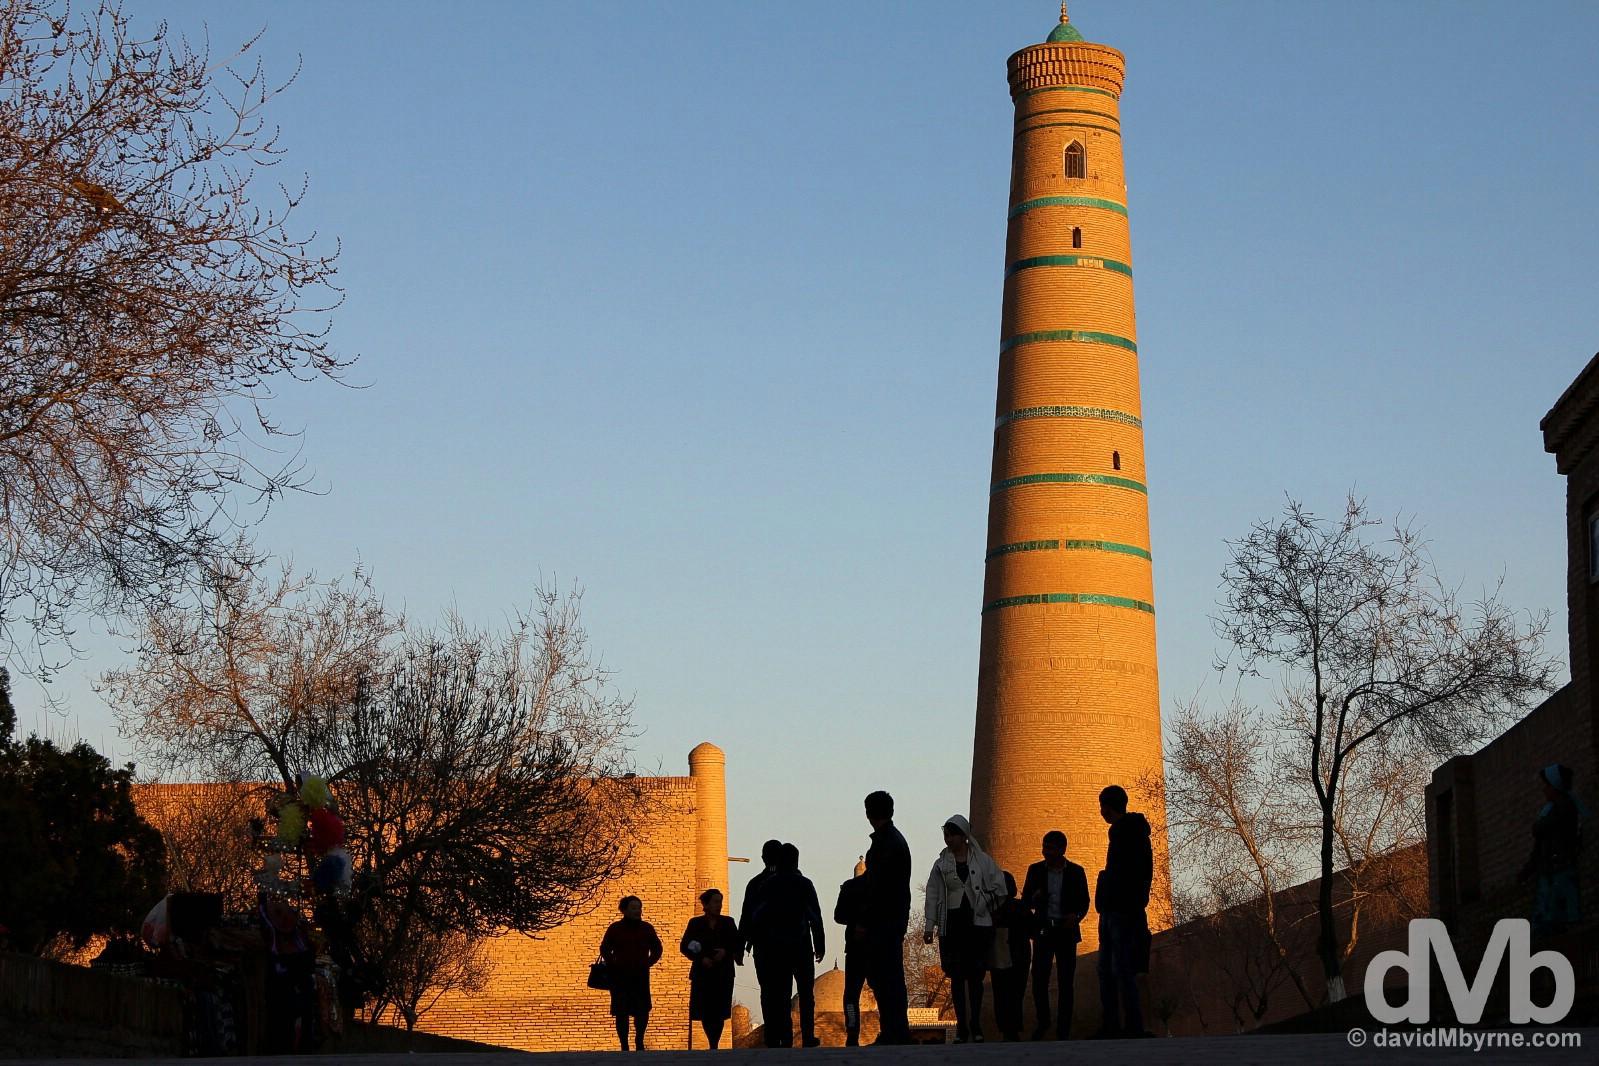 Sunset on Pahlavon Mahmud in Khiva, Uzbekistan. March 13, 2015.